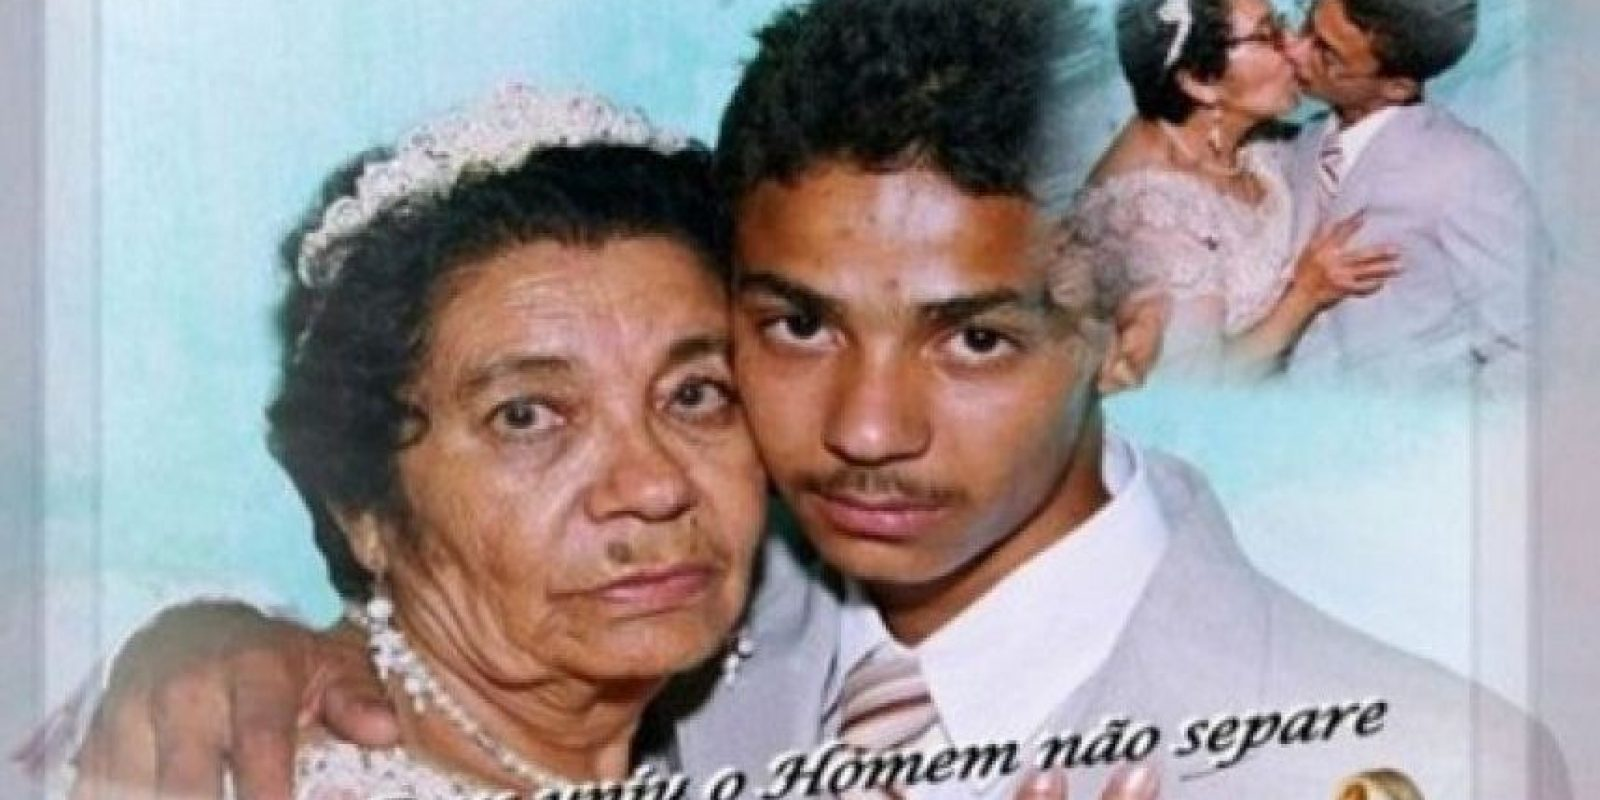 Ellos demuestran que para el amor no hay edad Foto:Reddit